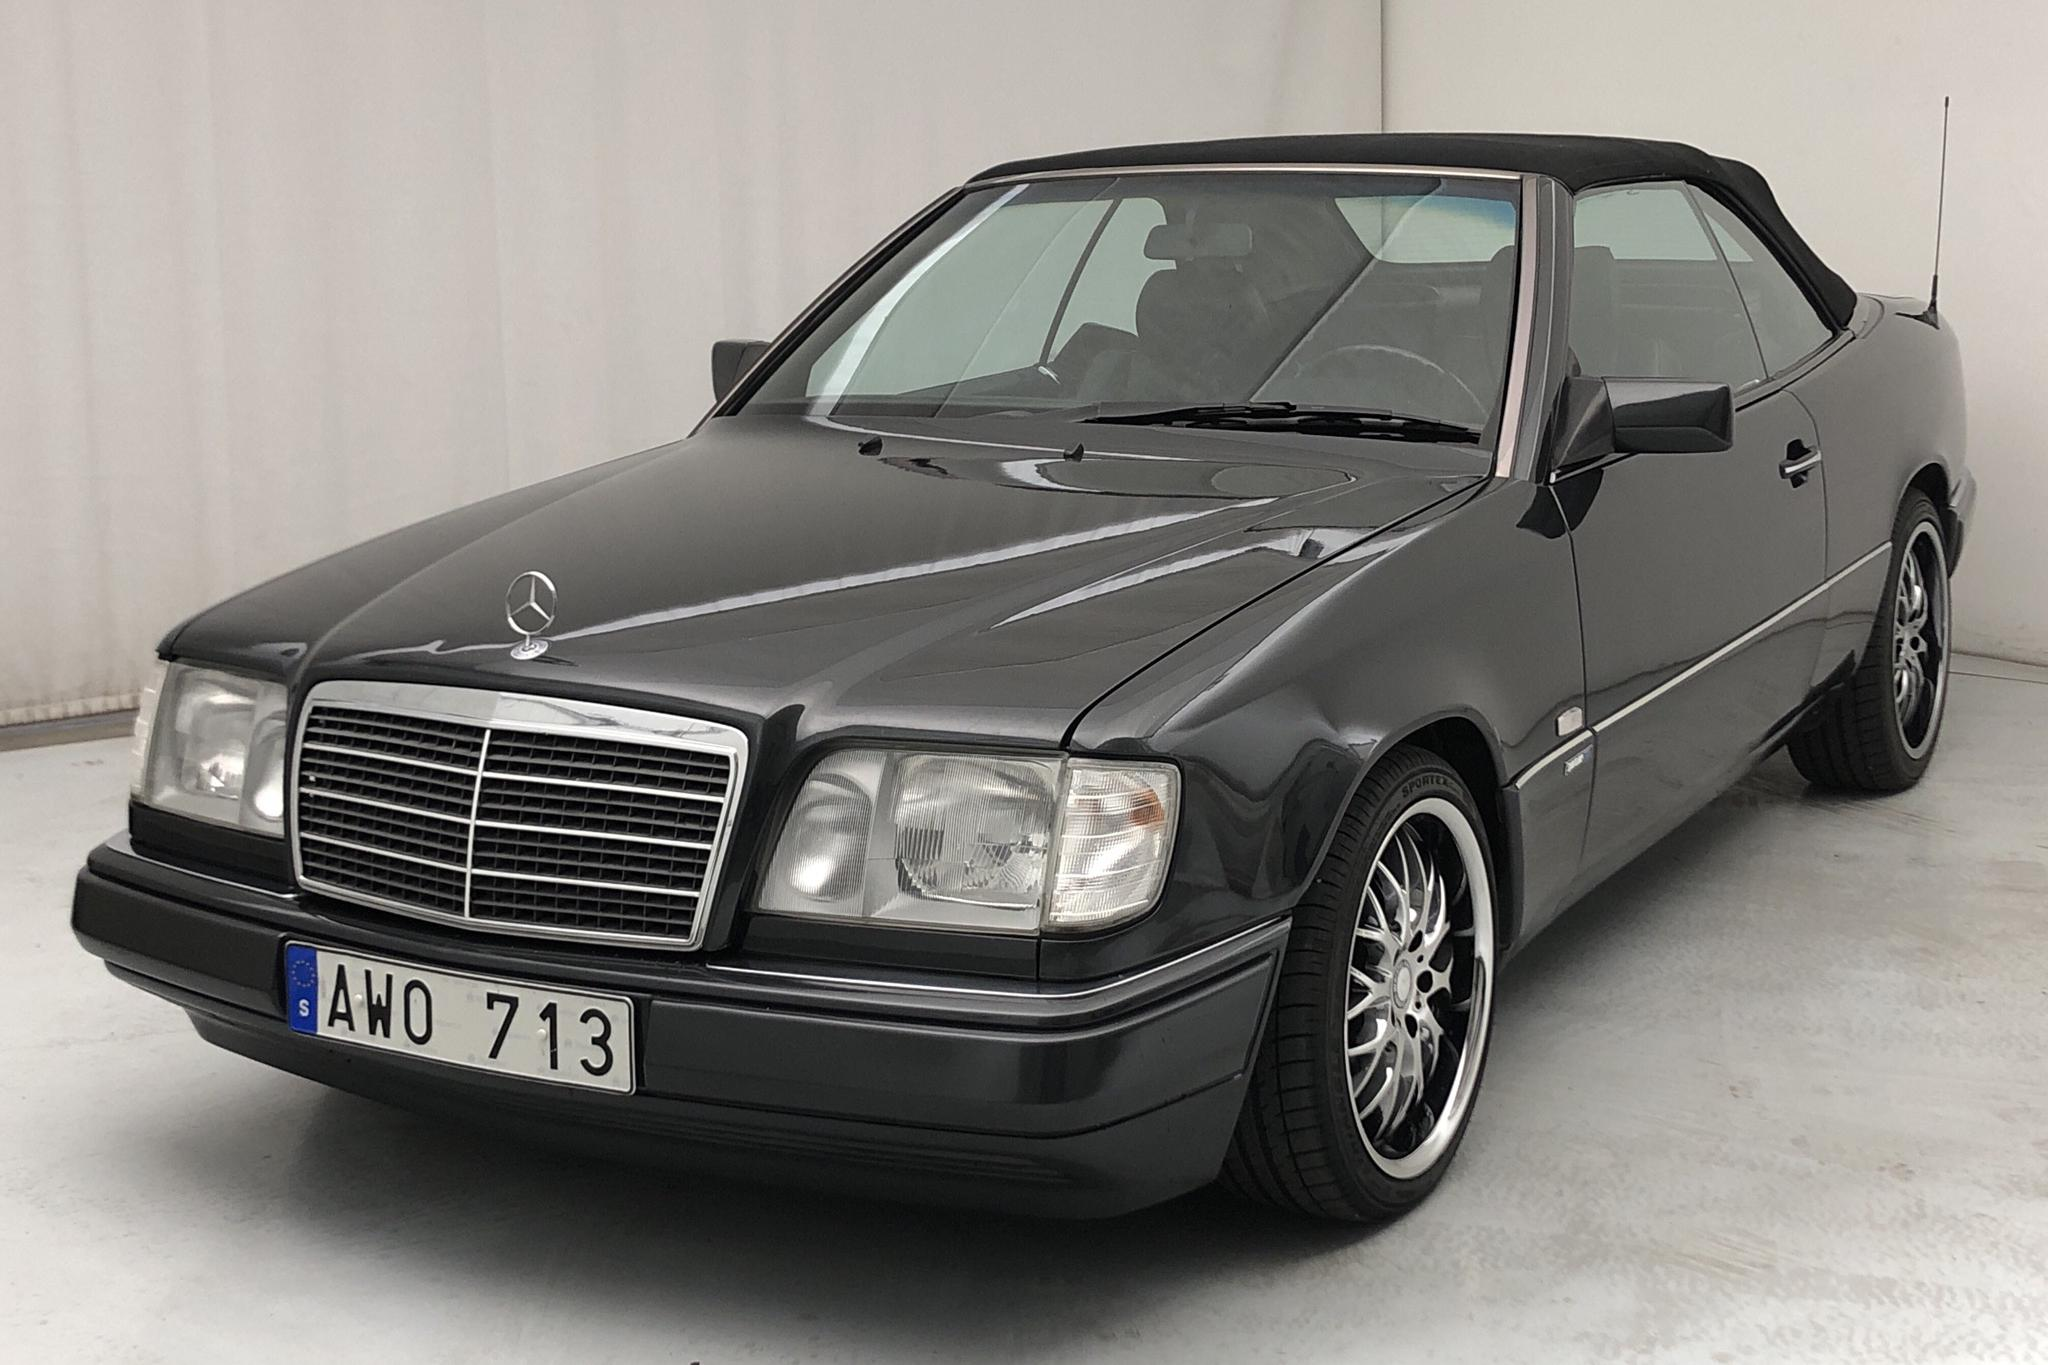 Mercedes E 300 24V Cabrio W124 (220hk) - 138 020 km - Automatic - black - 1993